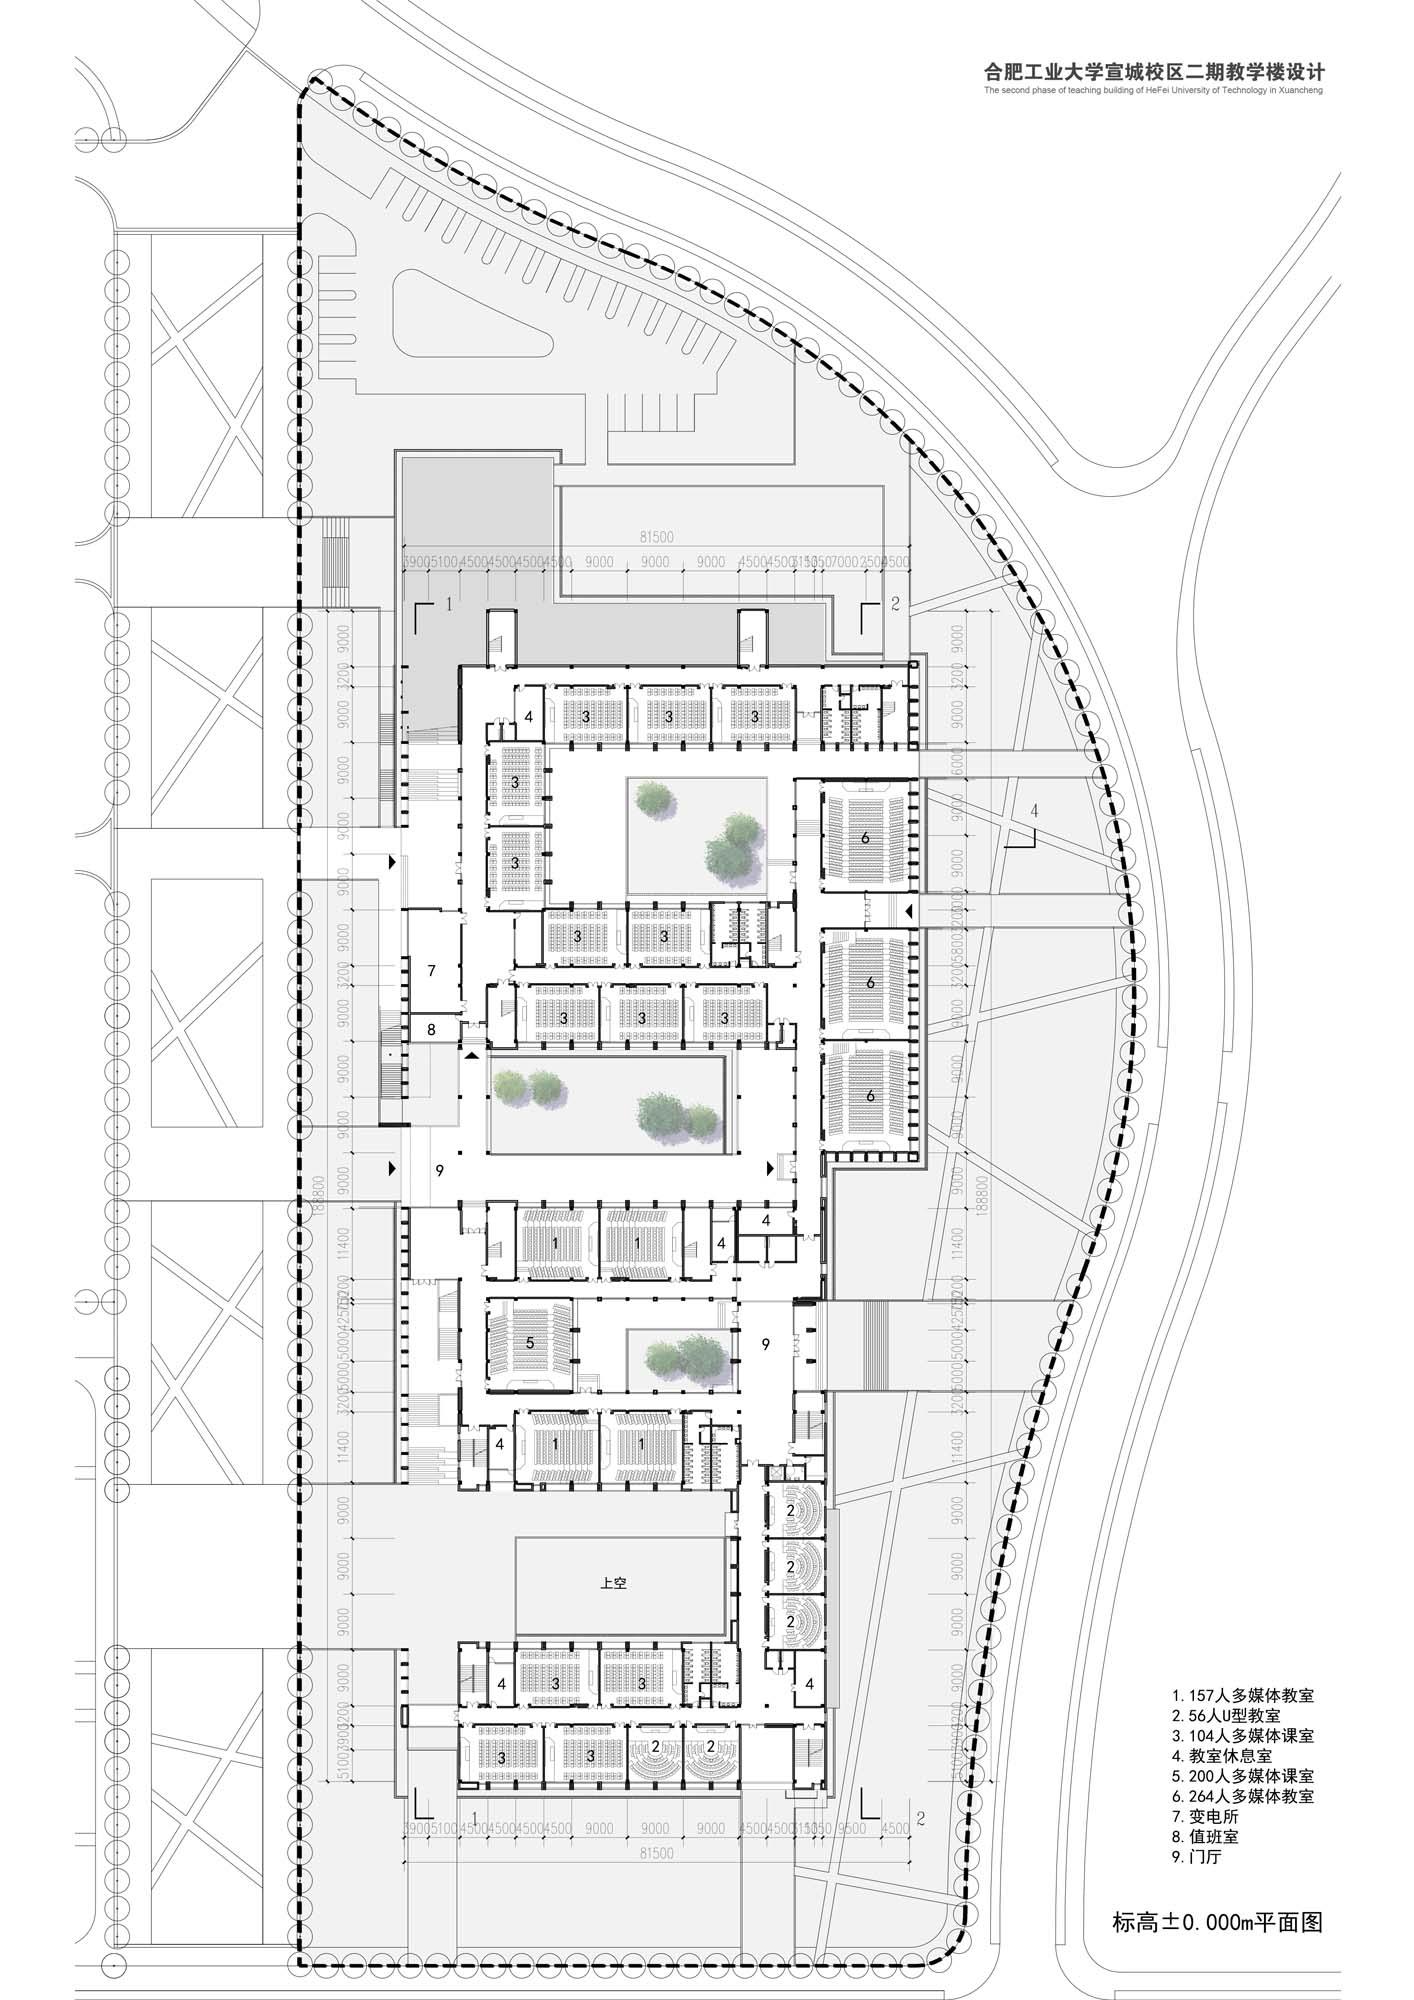 合肥工业大学宣城二期教学楼——徽派文化元素的探索图片